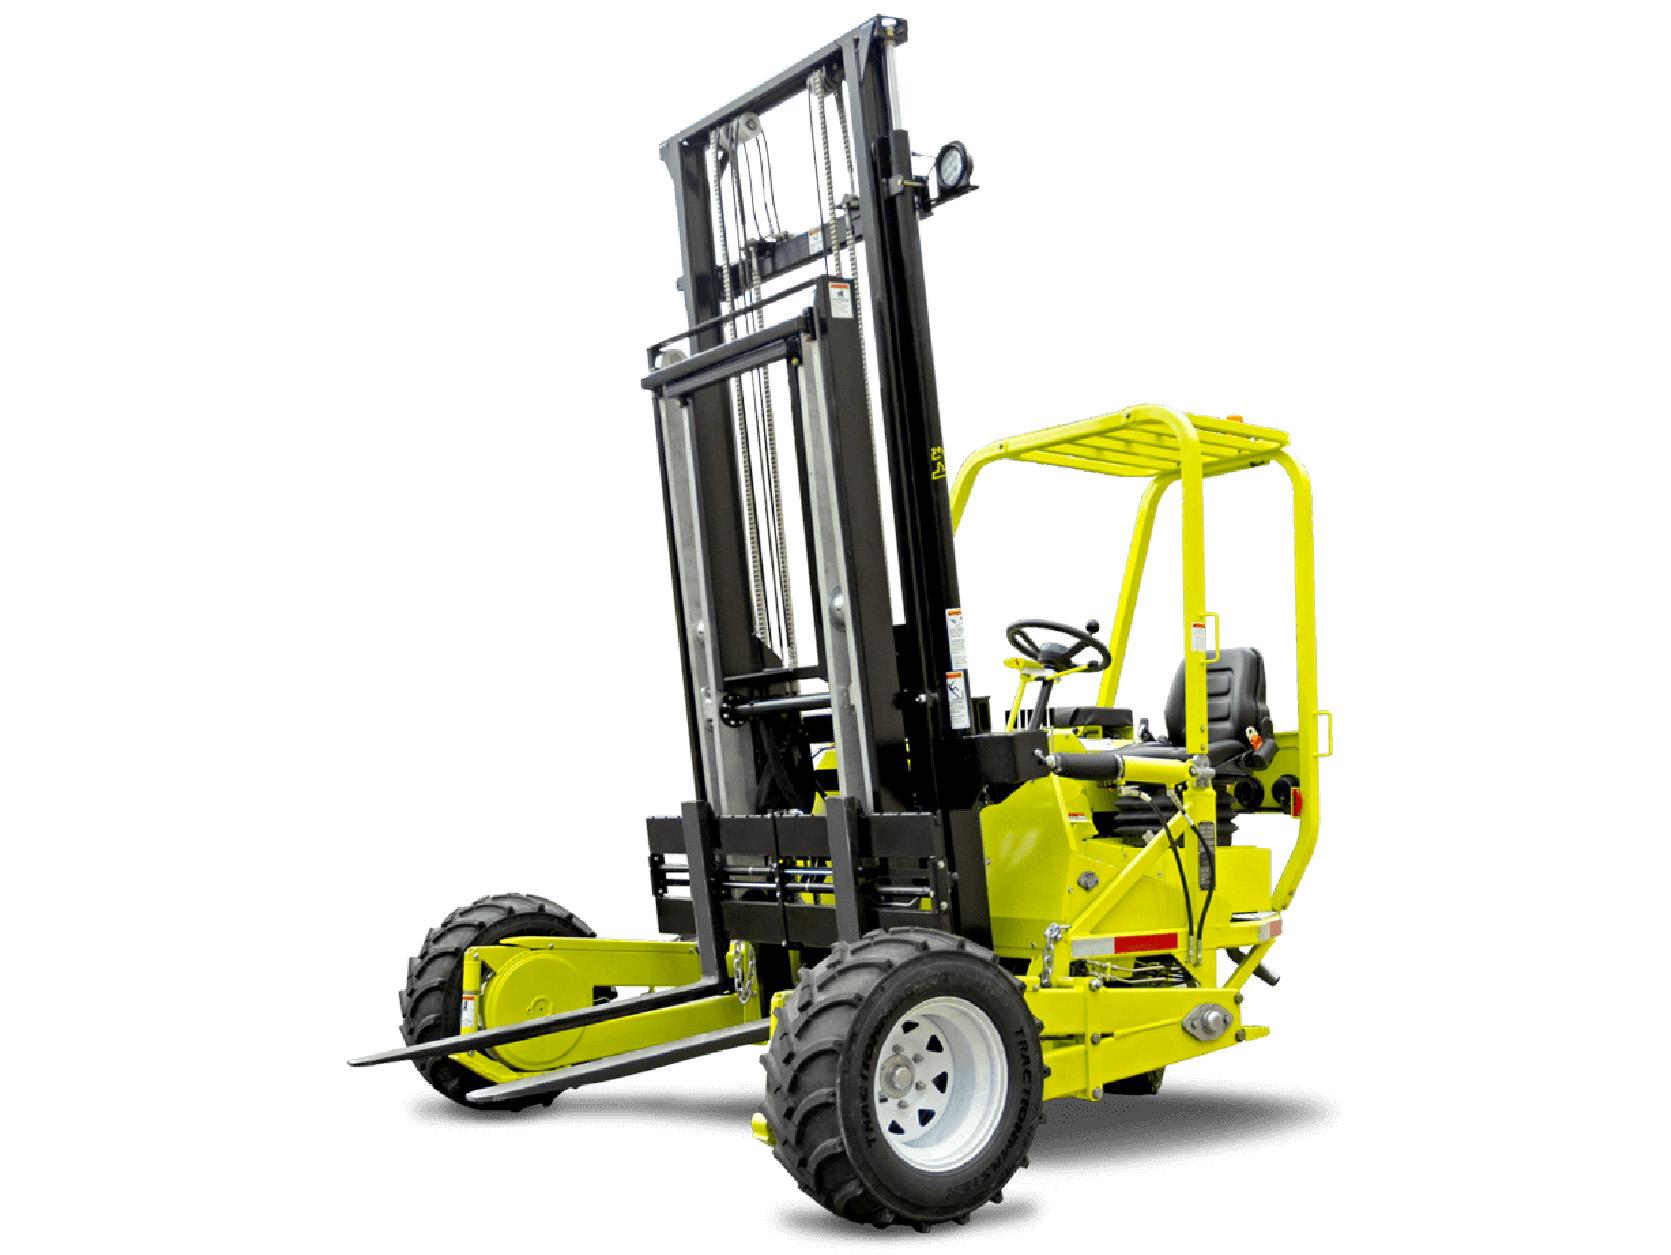 Donkey Forklifts 4.5K SERIES FORKLIFT